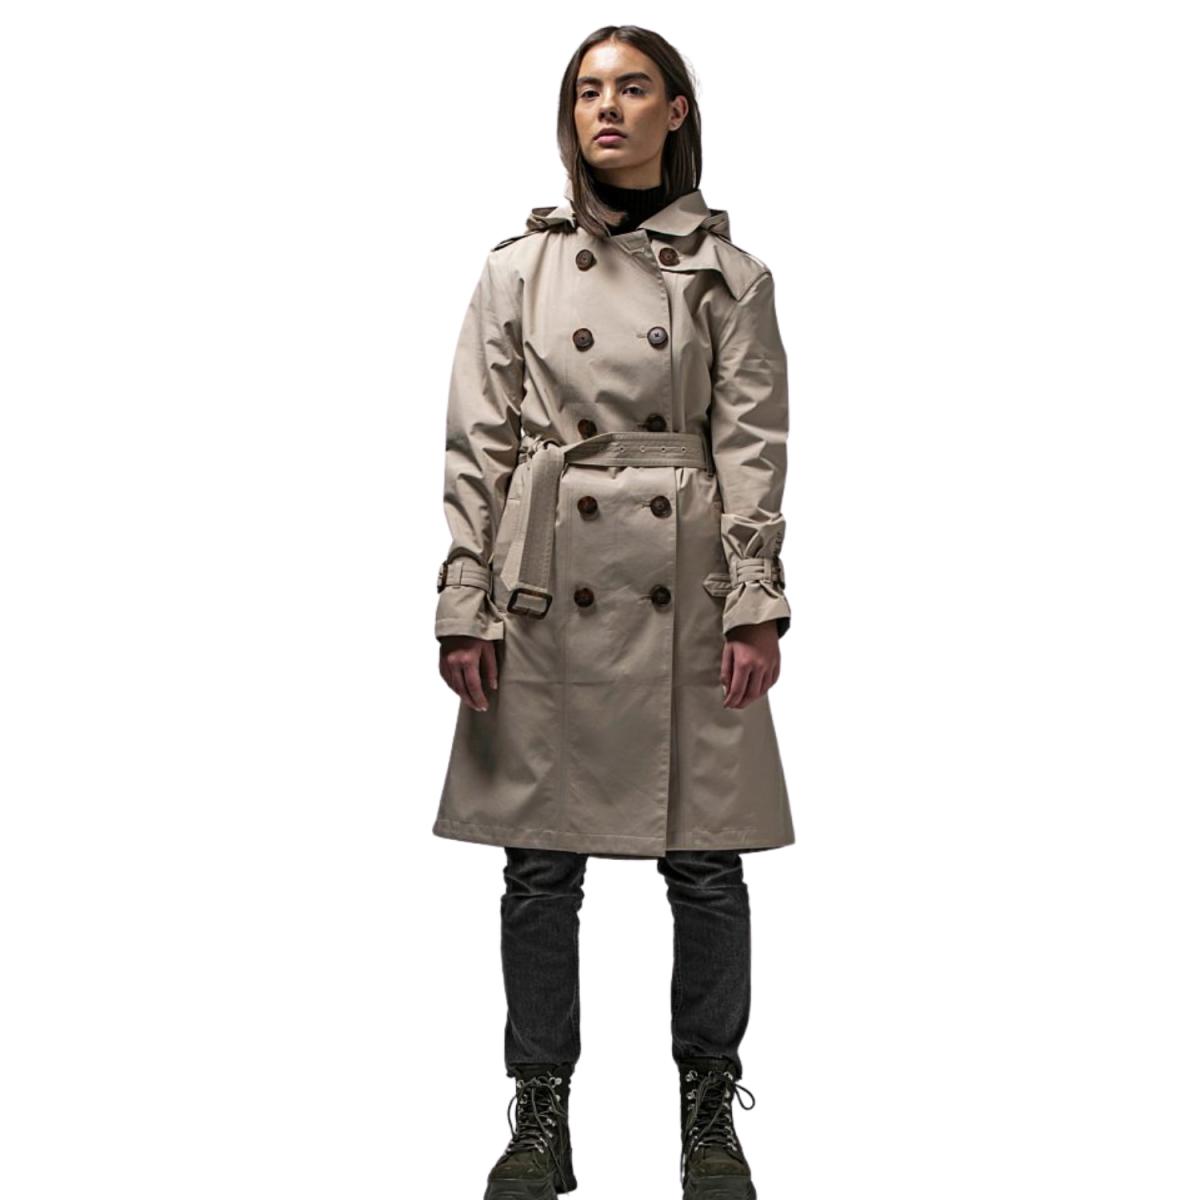 vigra regn frakke beige - model billede - front